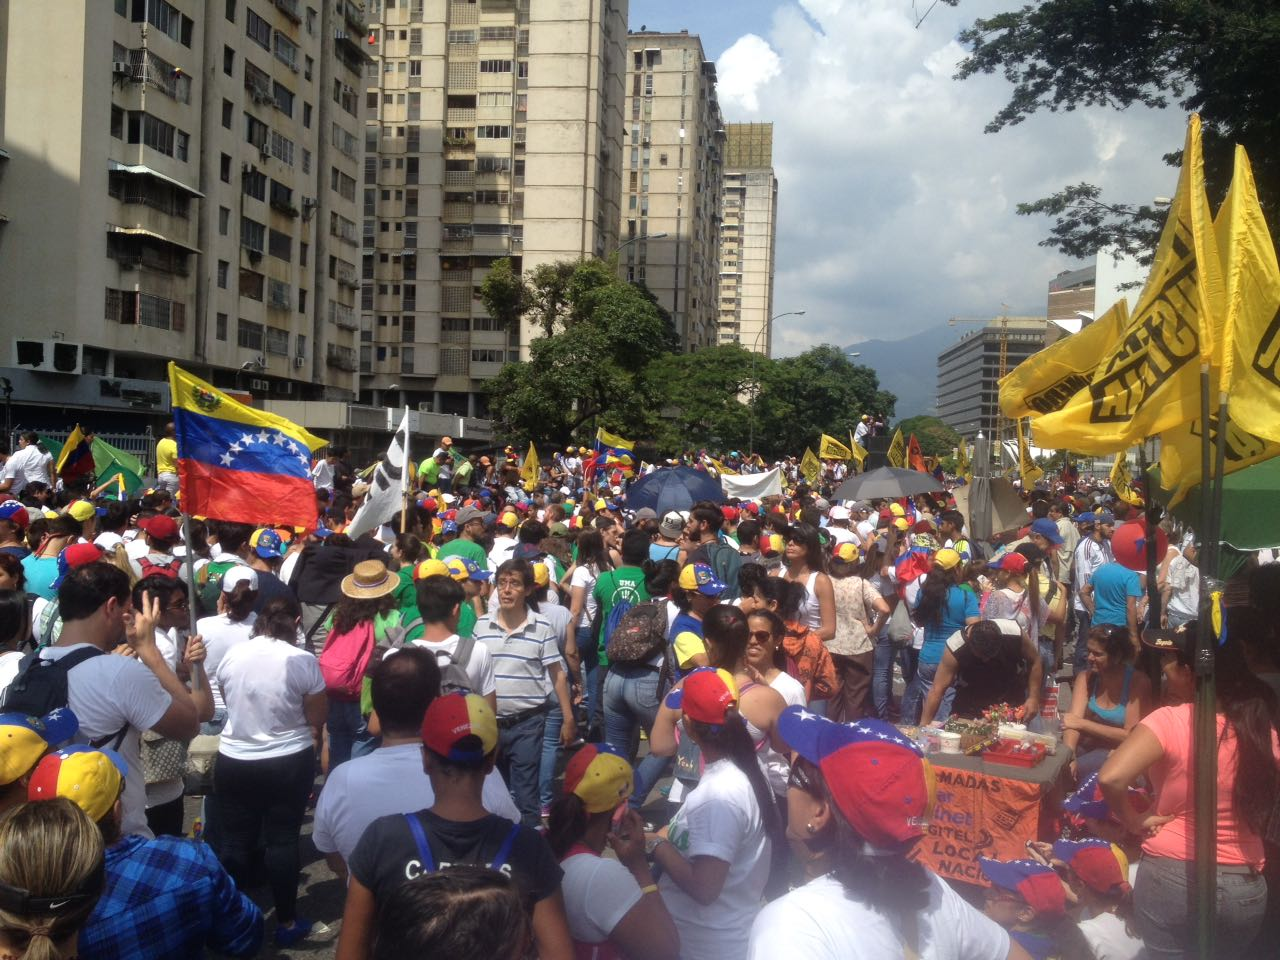 toma de venezuela 26 de octubre